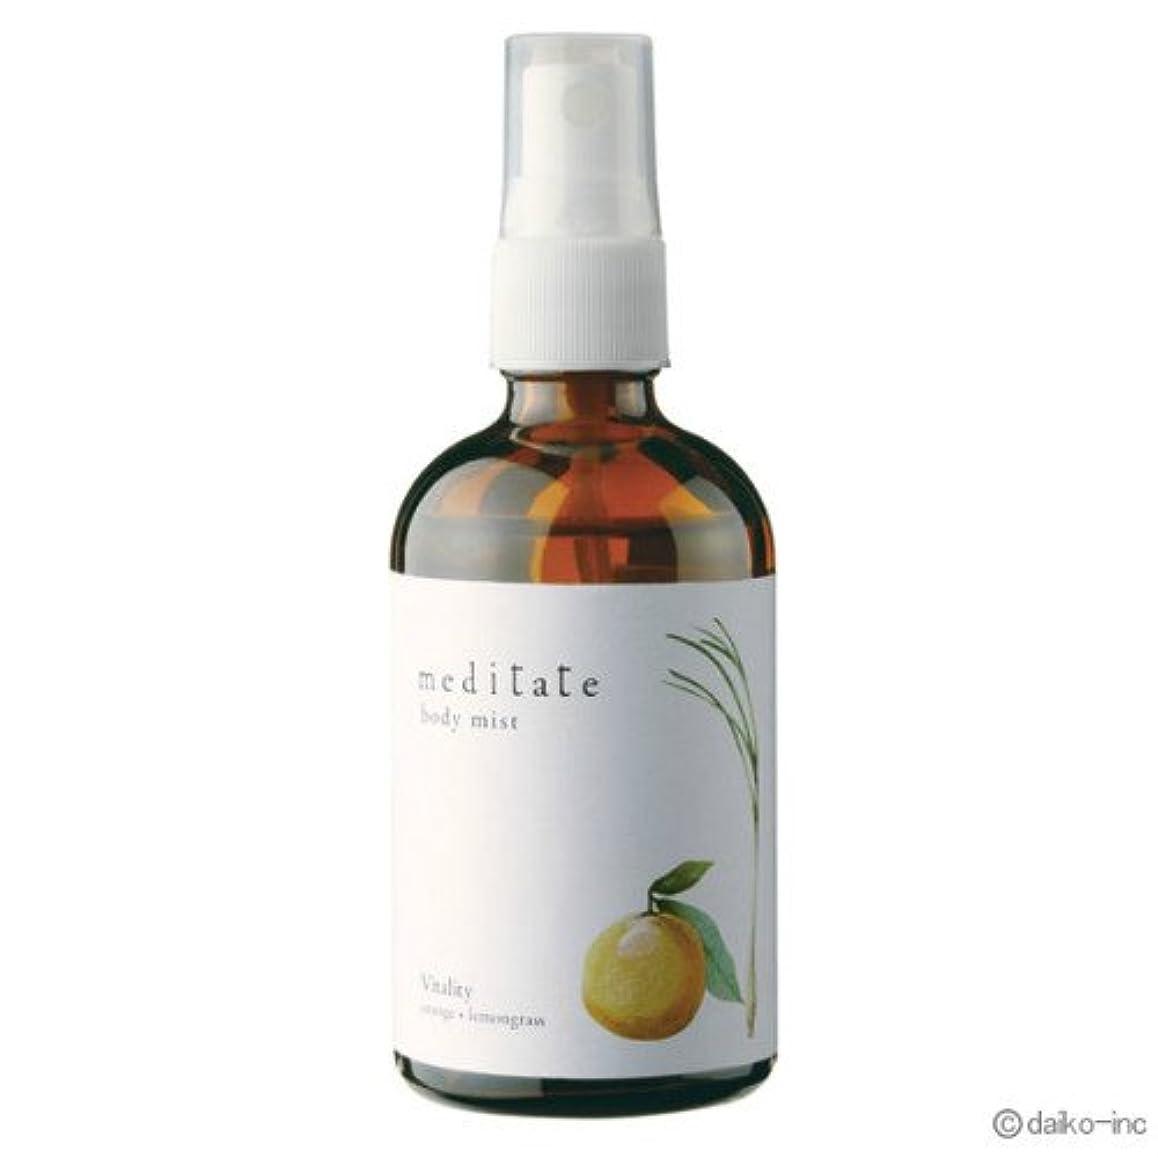 溶接危険を冒します偽メディテイト Meditate ボディミスト Vitality ヴァイタリティ(オレンジ×レモングラス)